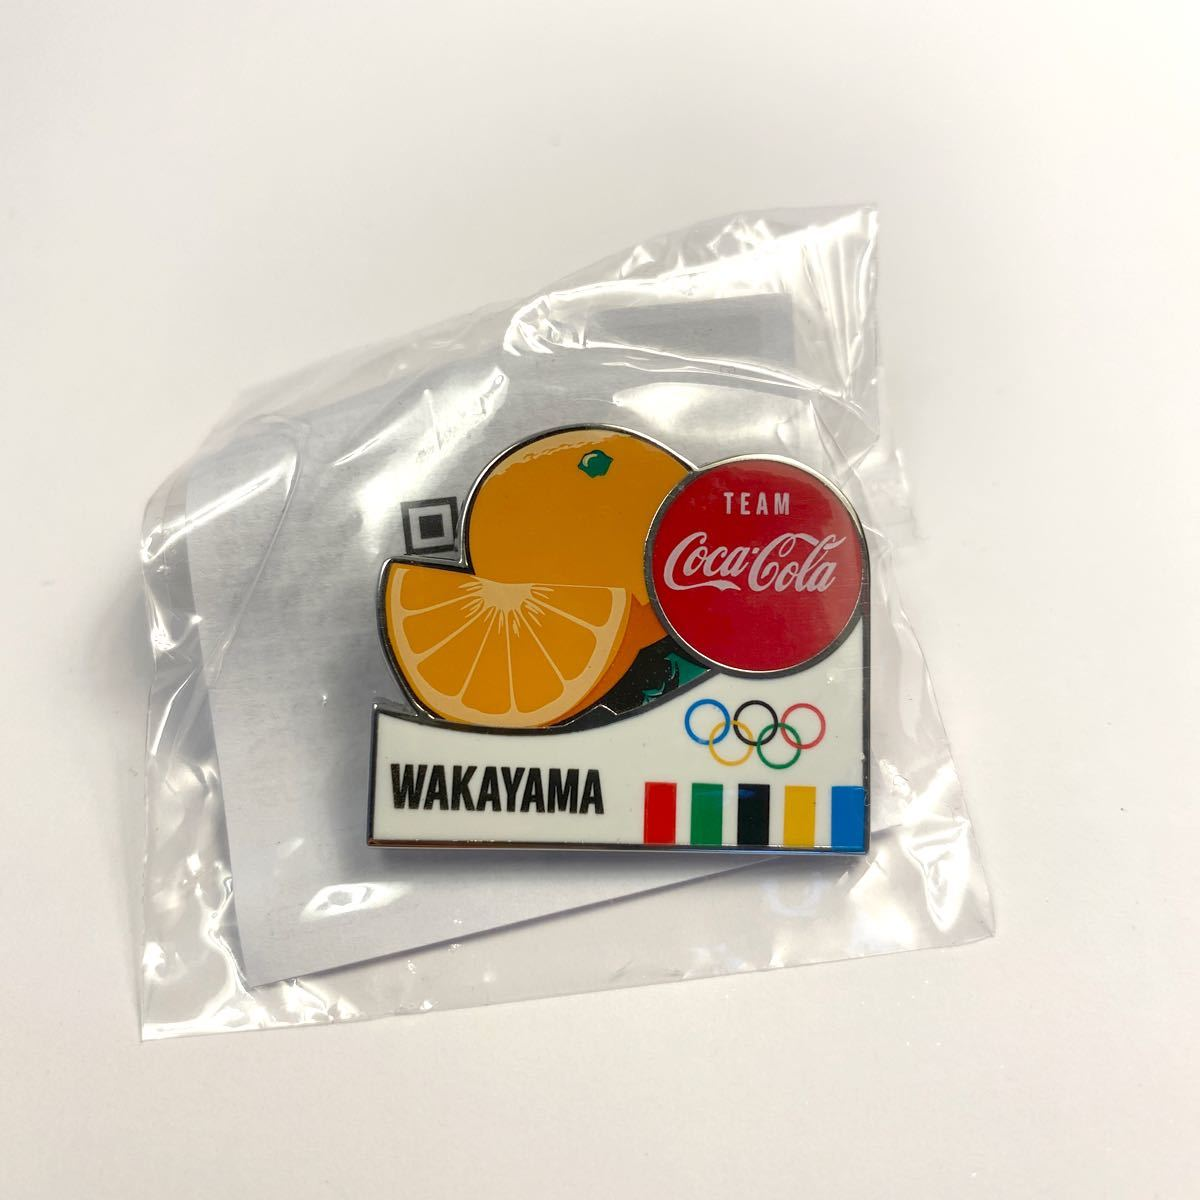 コカコーラ 東京オリンピック ピンバッジ 都道府県 ピンバッチ コカ・コーラ 和歌山県 ピン